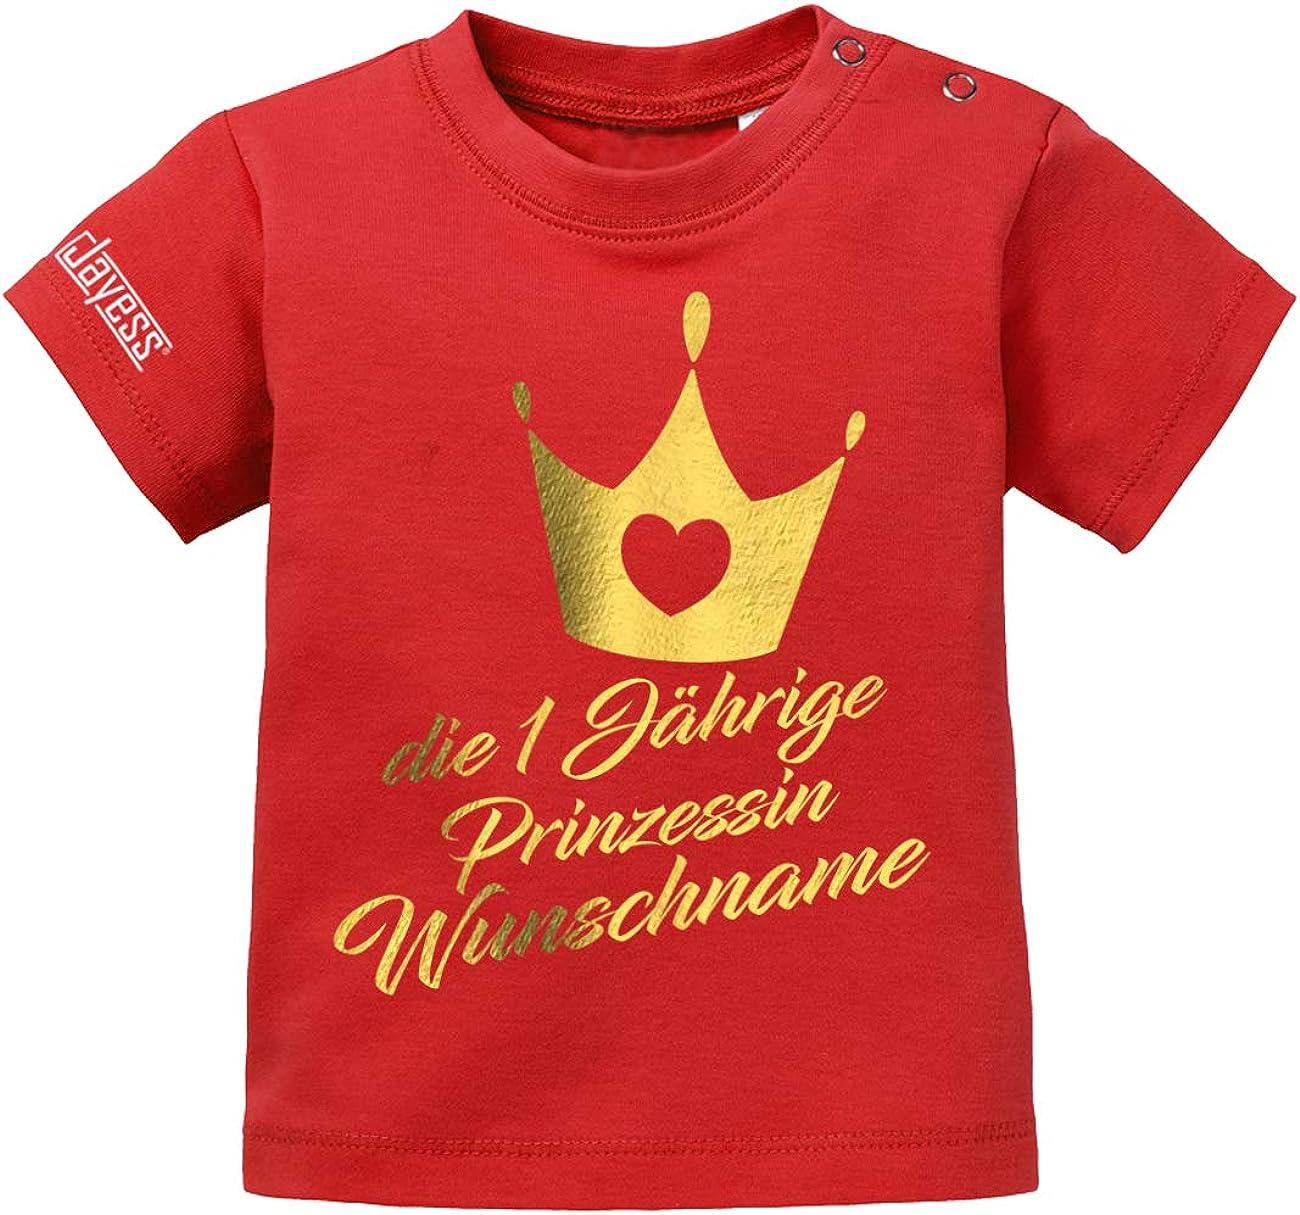 die einj/ährige Prinzessin Wunschname Jayess Baby Shirt M/ädchen zum 1 Geburtstag personalisierbar mit Kindername